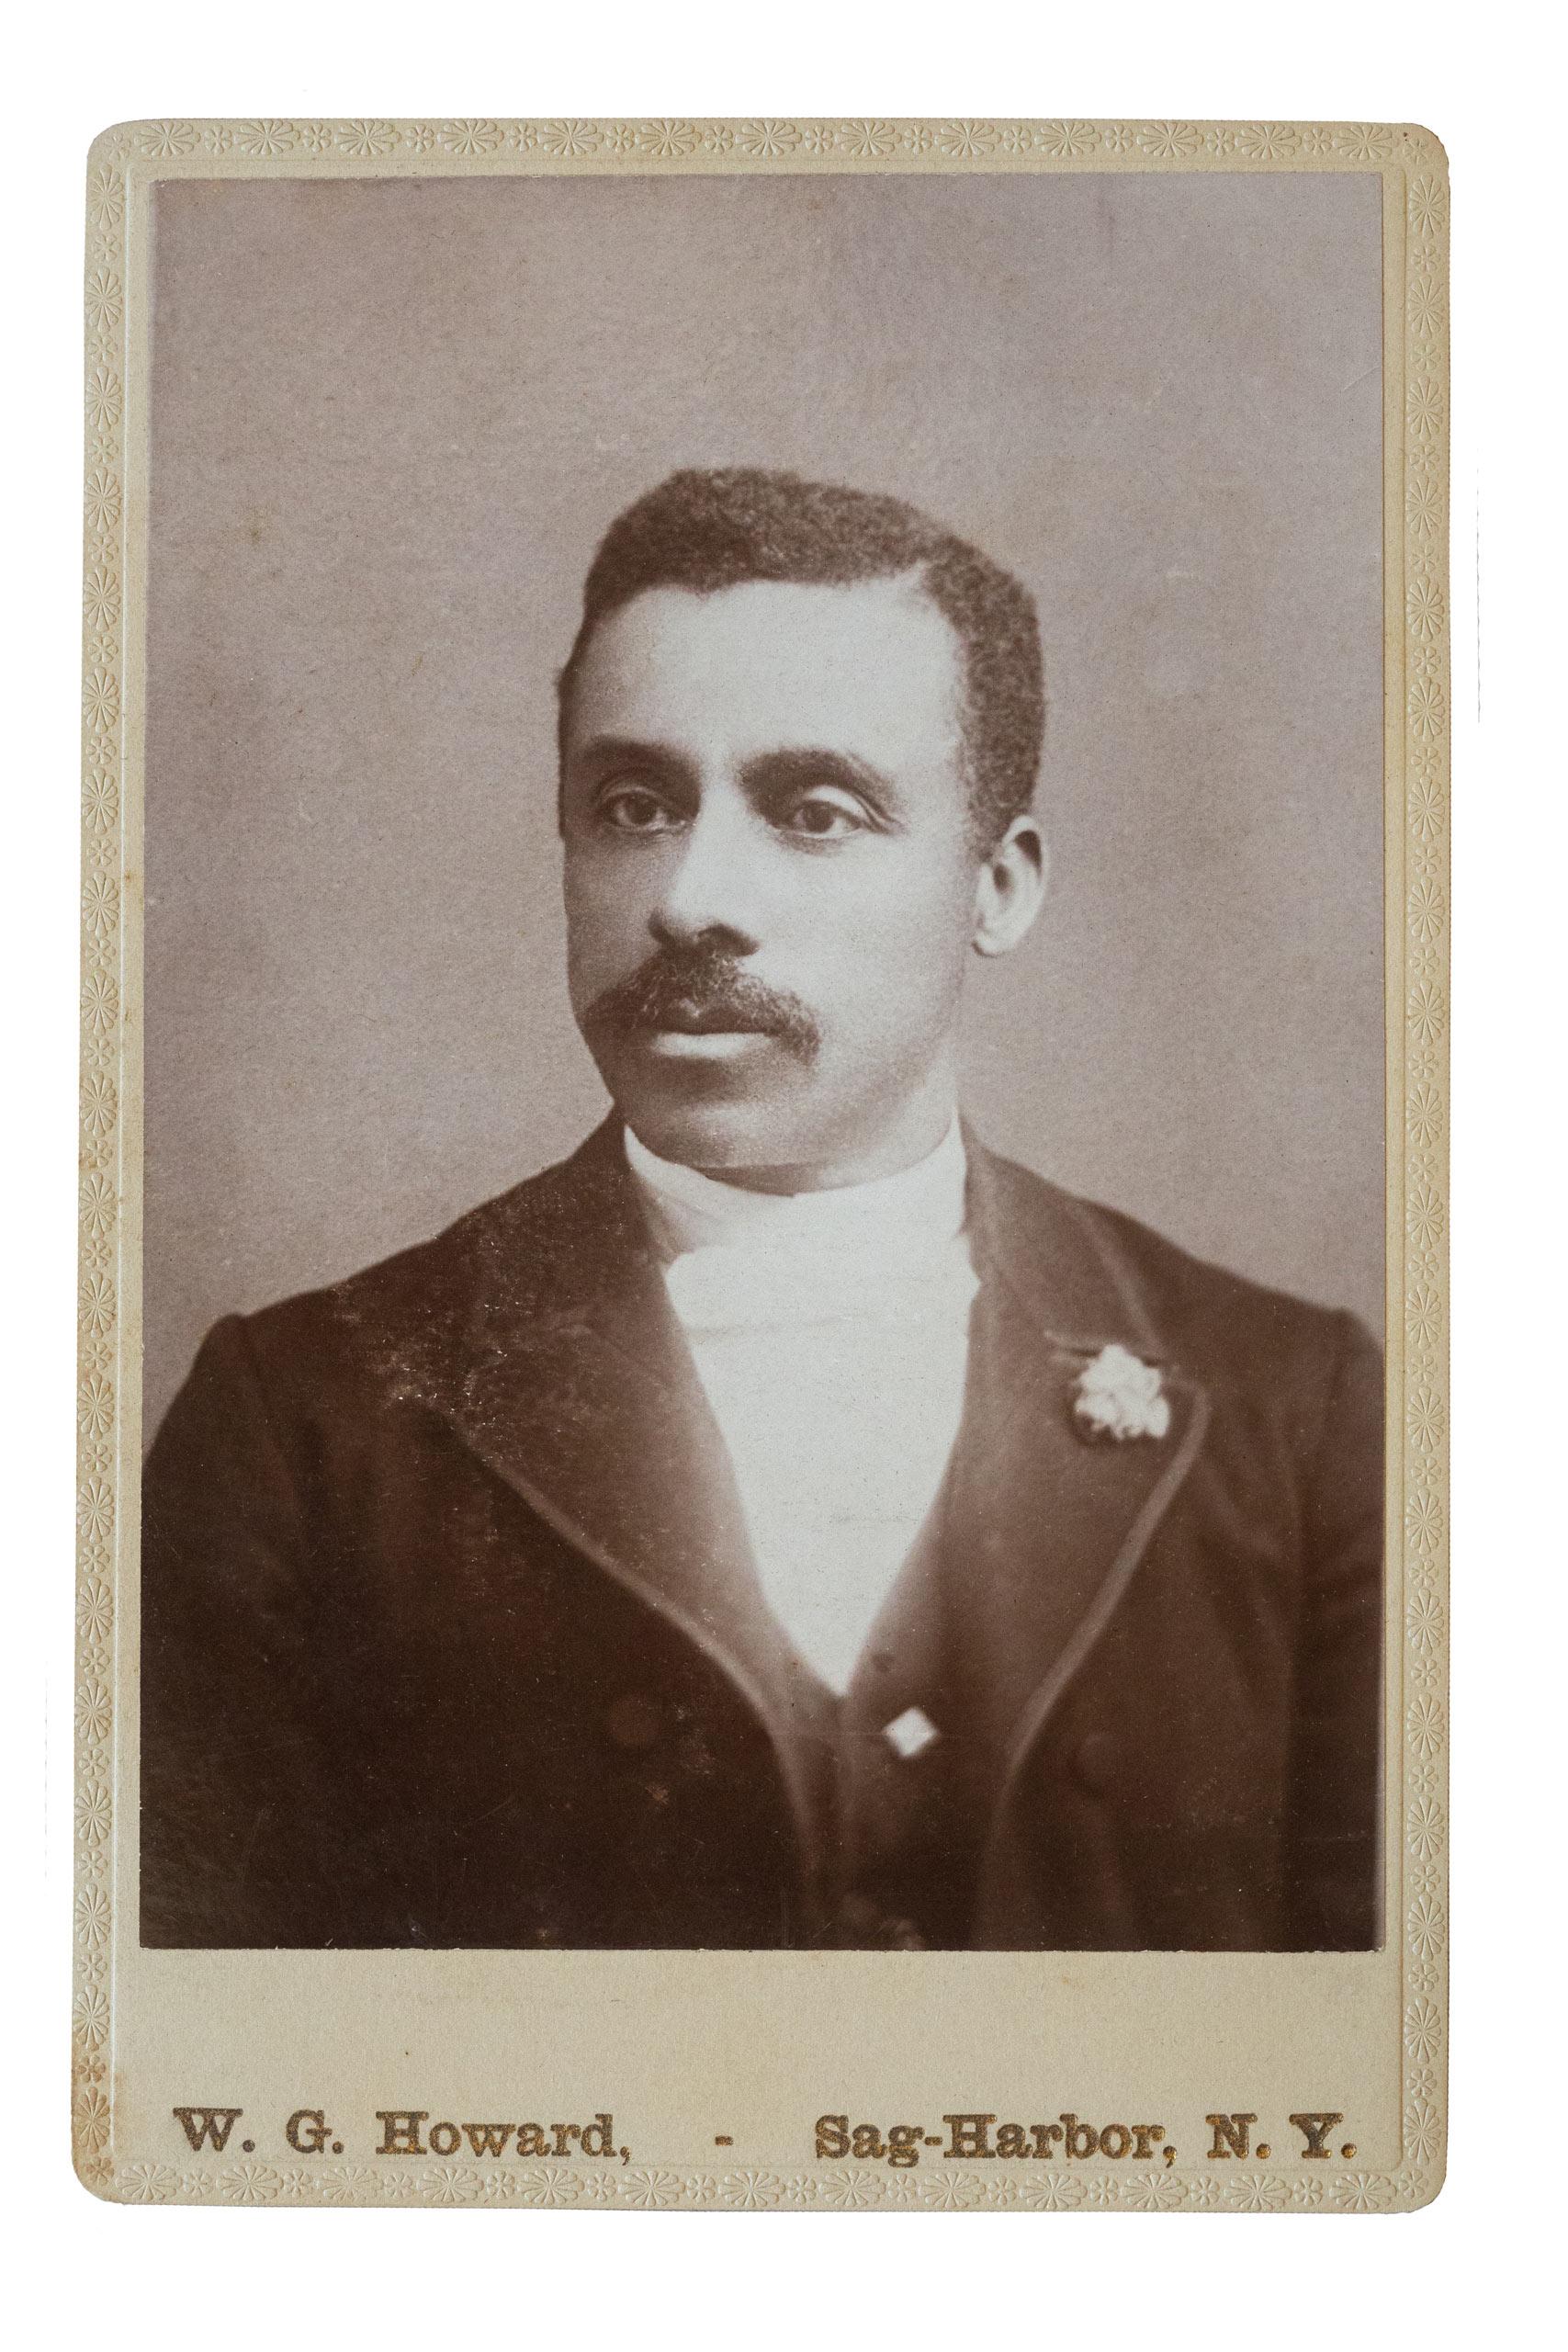 Augustus Johnson was born in Sag Harbor, N.Y. in 1872.